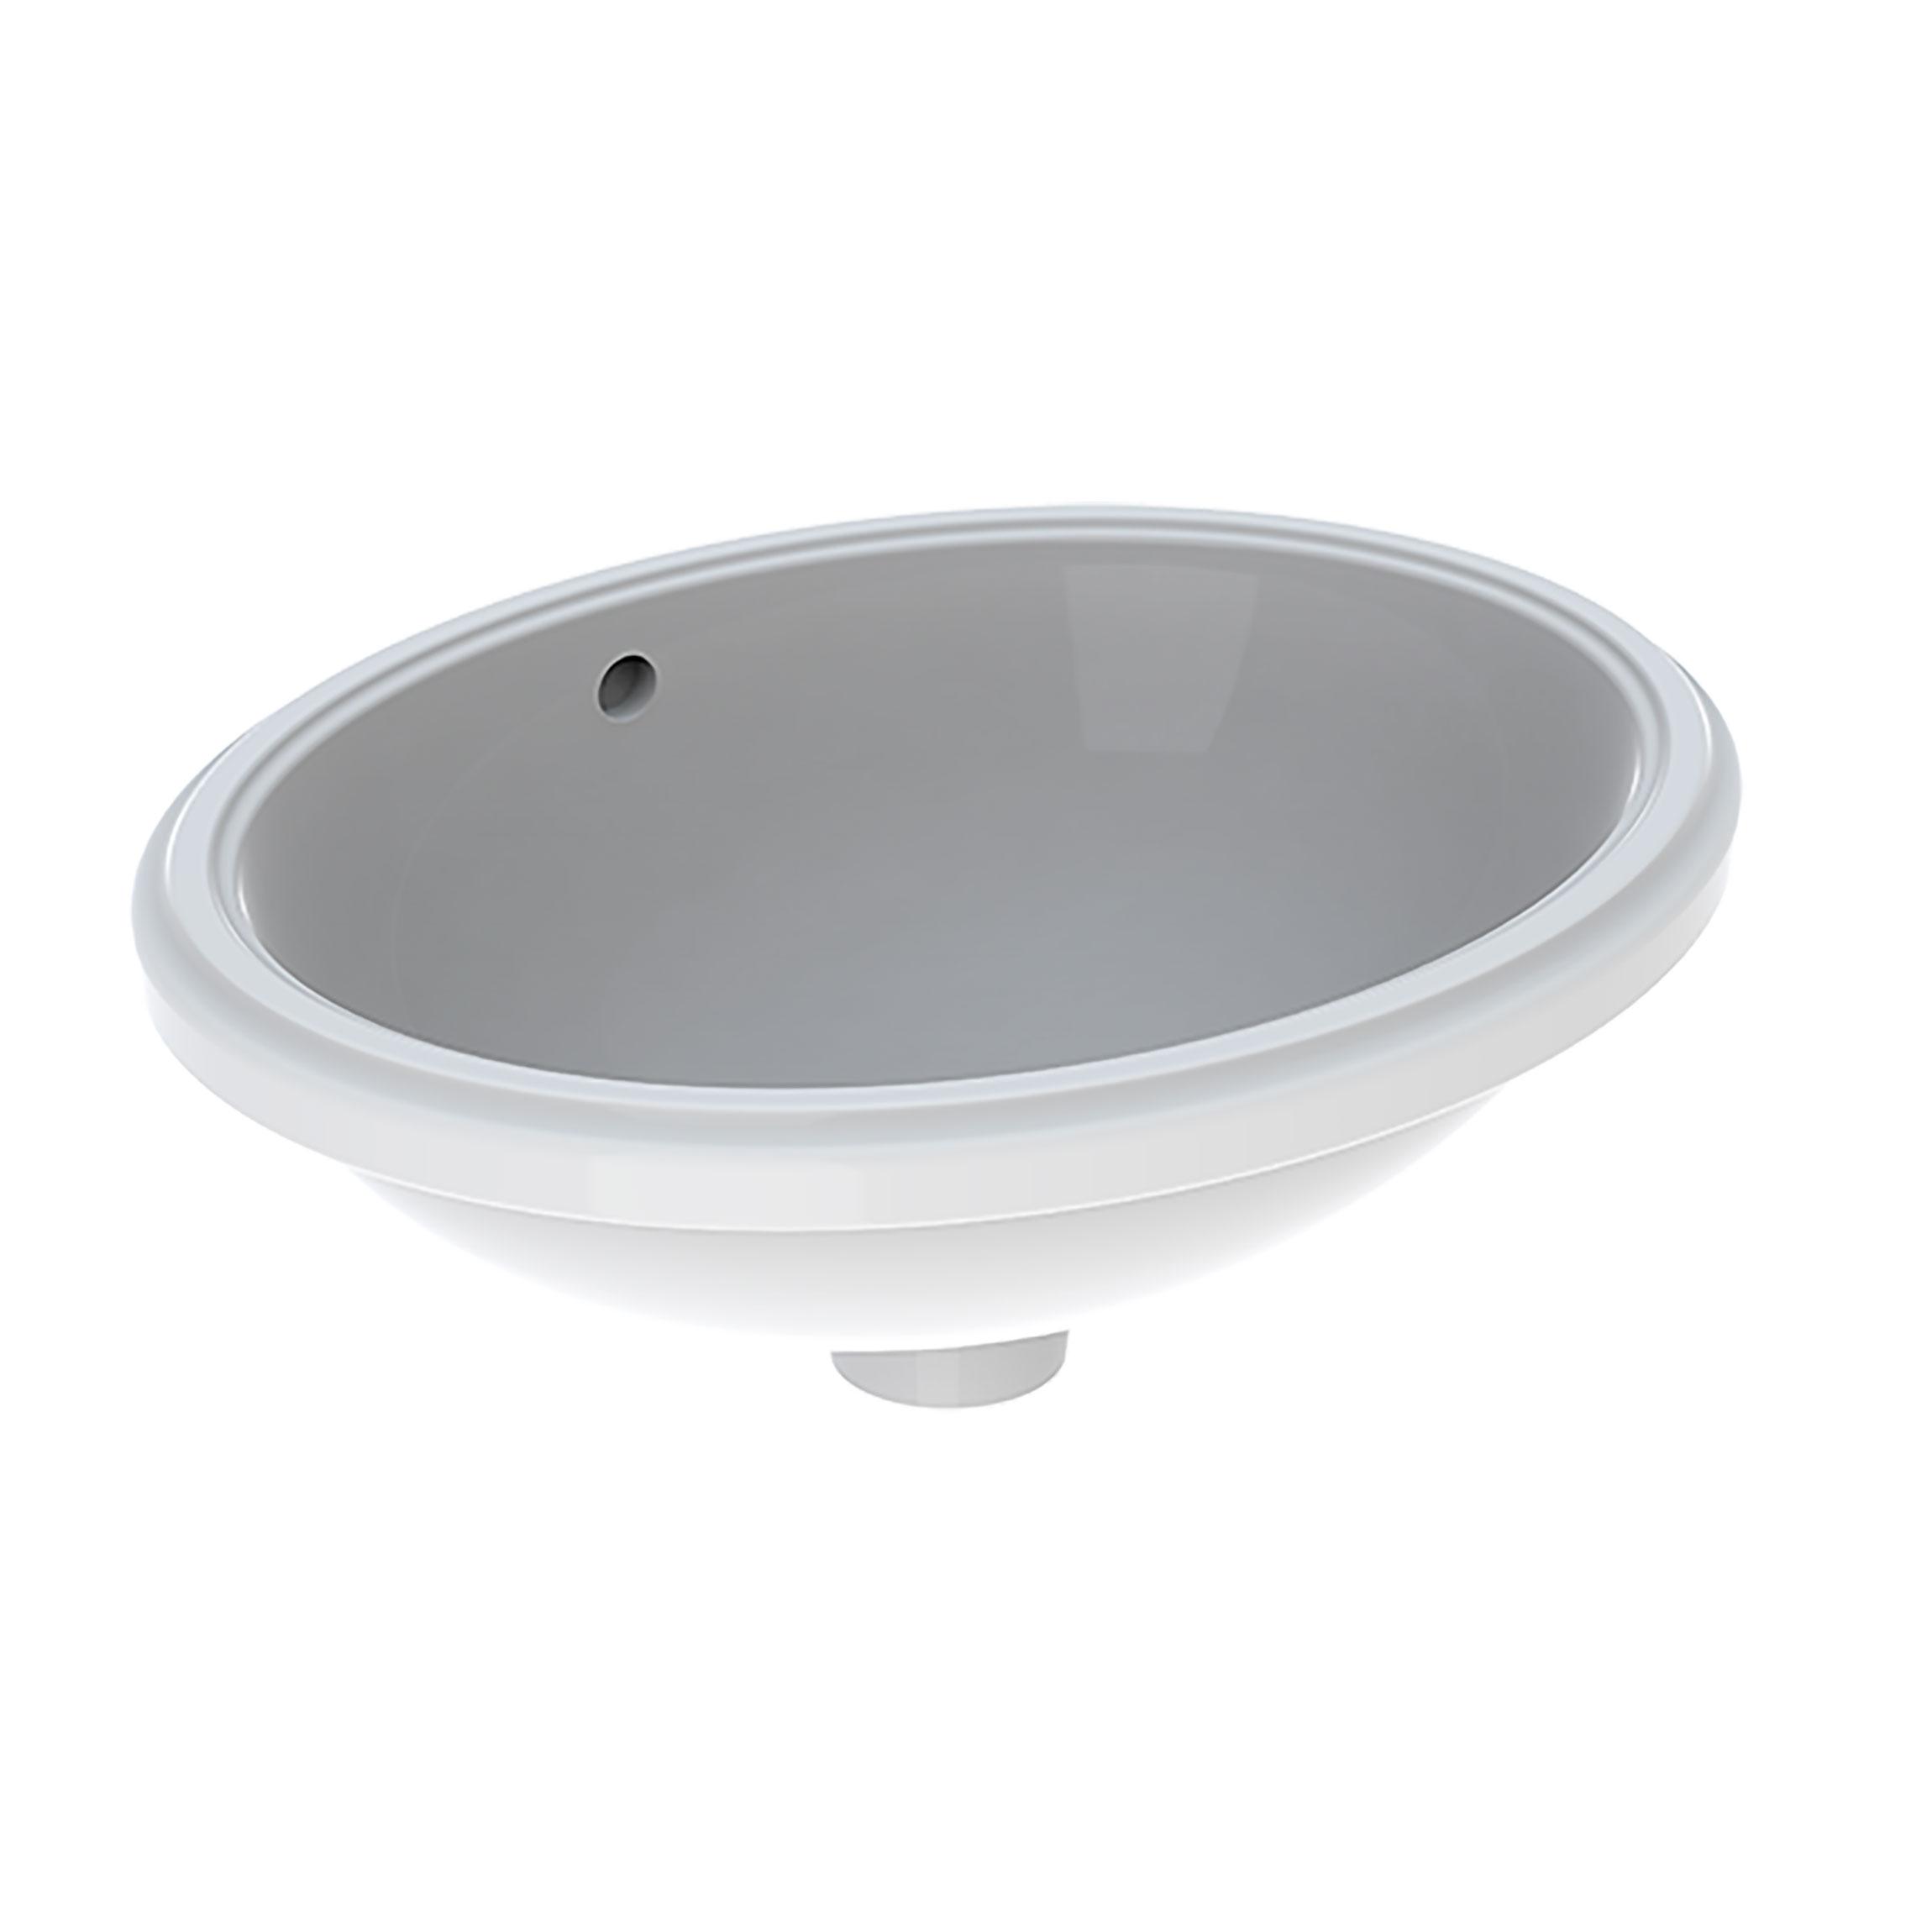 Tvättställ Ifö Variform 420 mm för underlimning Ovalt